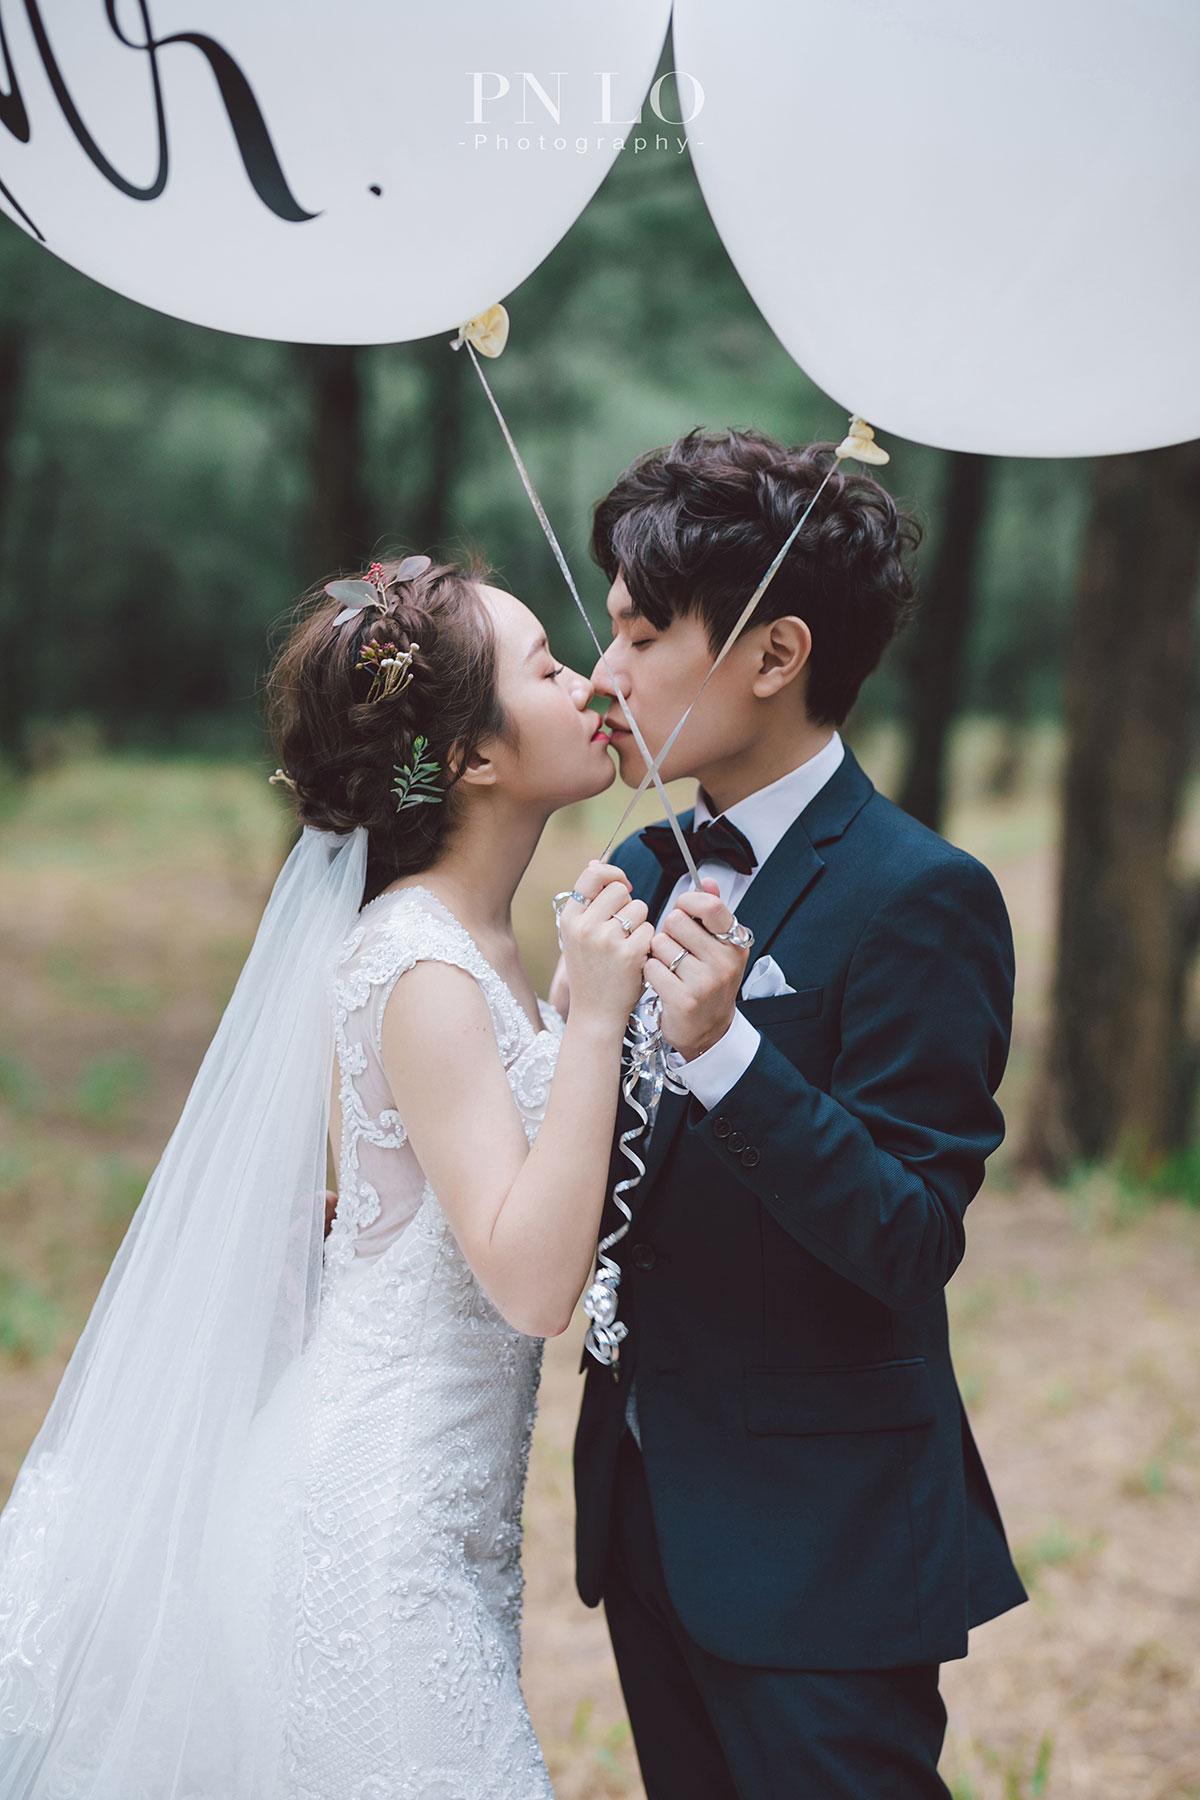 冉冉婚紗 - 裴妮 台中拍婚紗-草地-森林